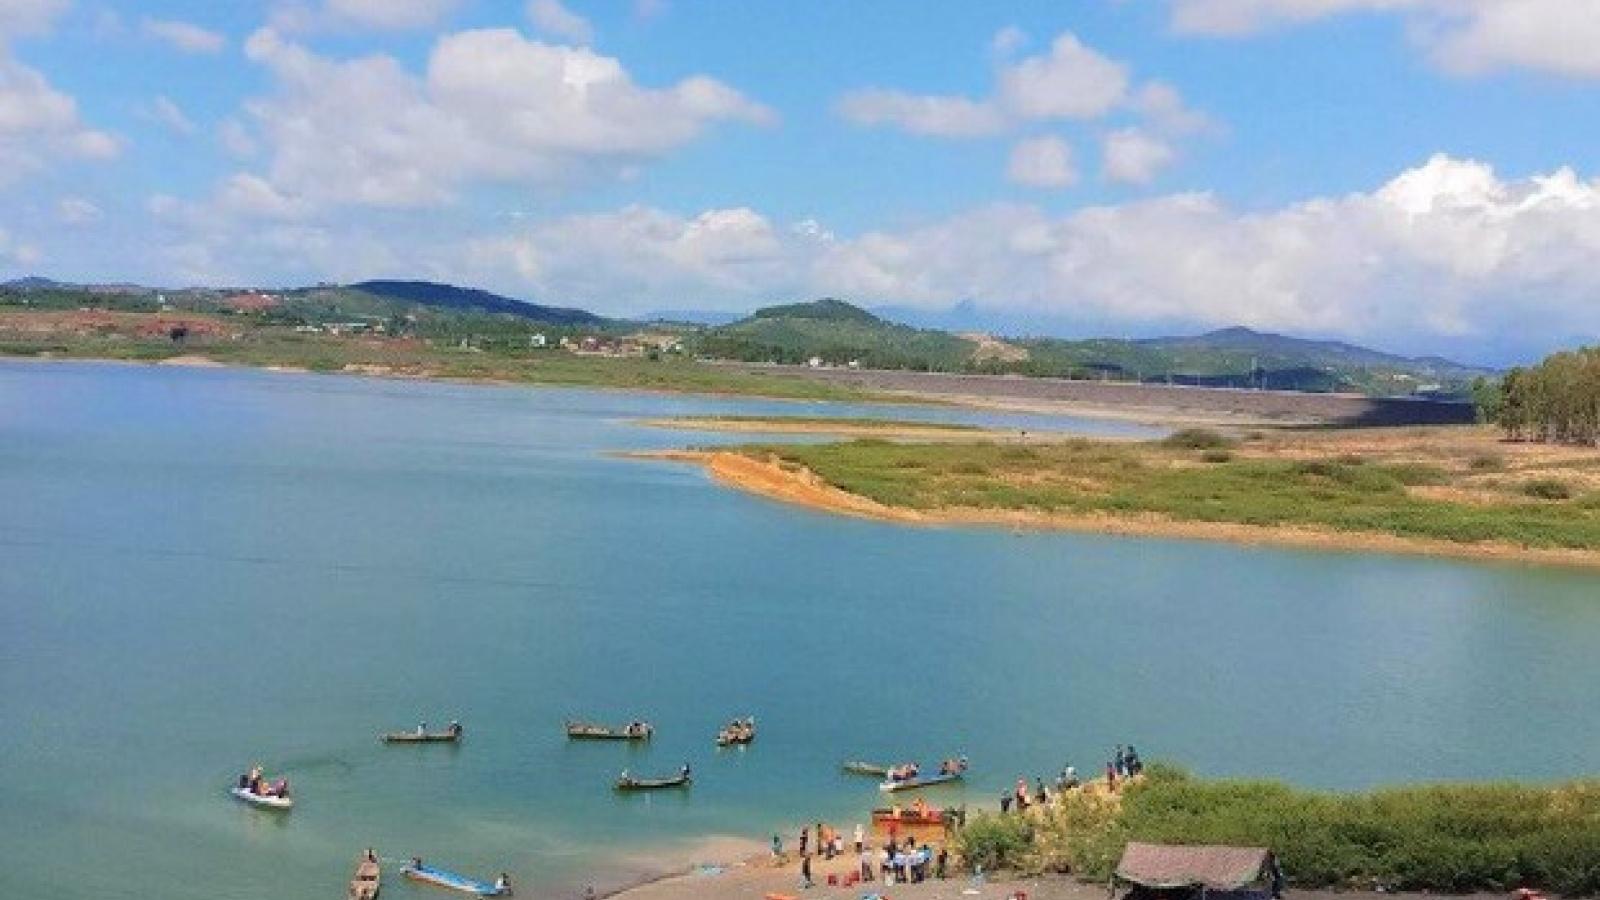 Chìm tàu khai thác cát khiến một người mất tích trên hồ thủy điện Đại Ninh